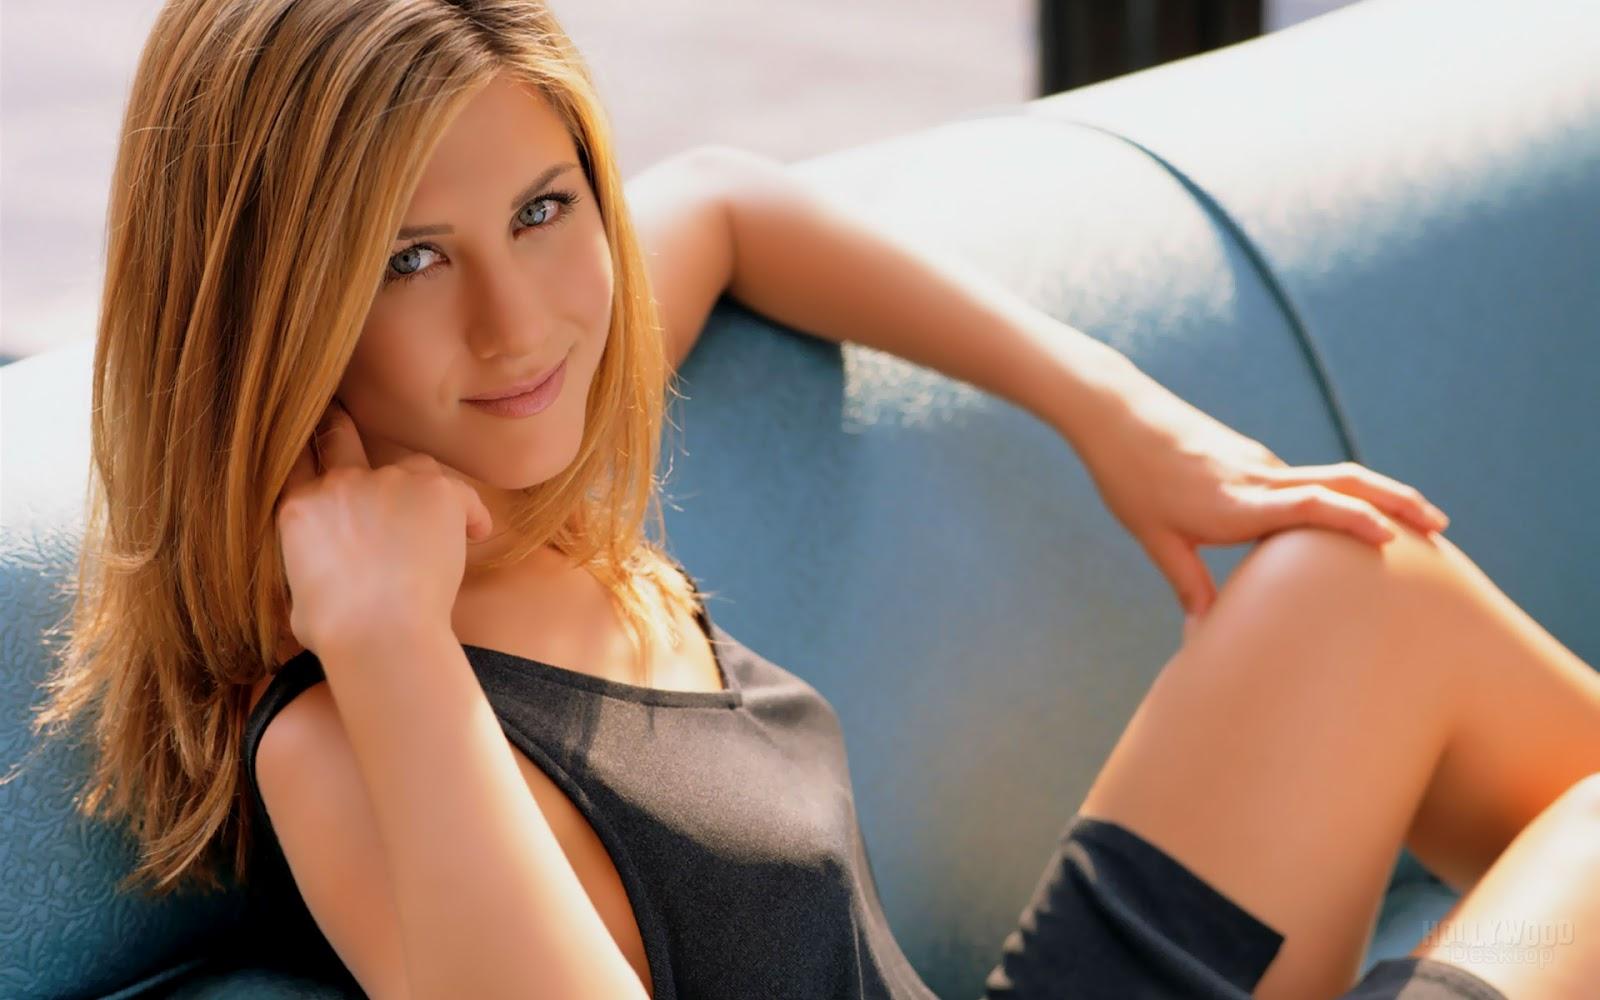 http://4.bp.blogspot.com/-D4WR3DihkNo/UB4LnXHxQCI/AAAAAAAAAwE/KZnUZXrrkDE/s1600/Jennifer+Aniston+Wallscelebs.blogspot+(3).jpg